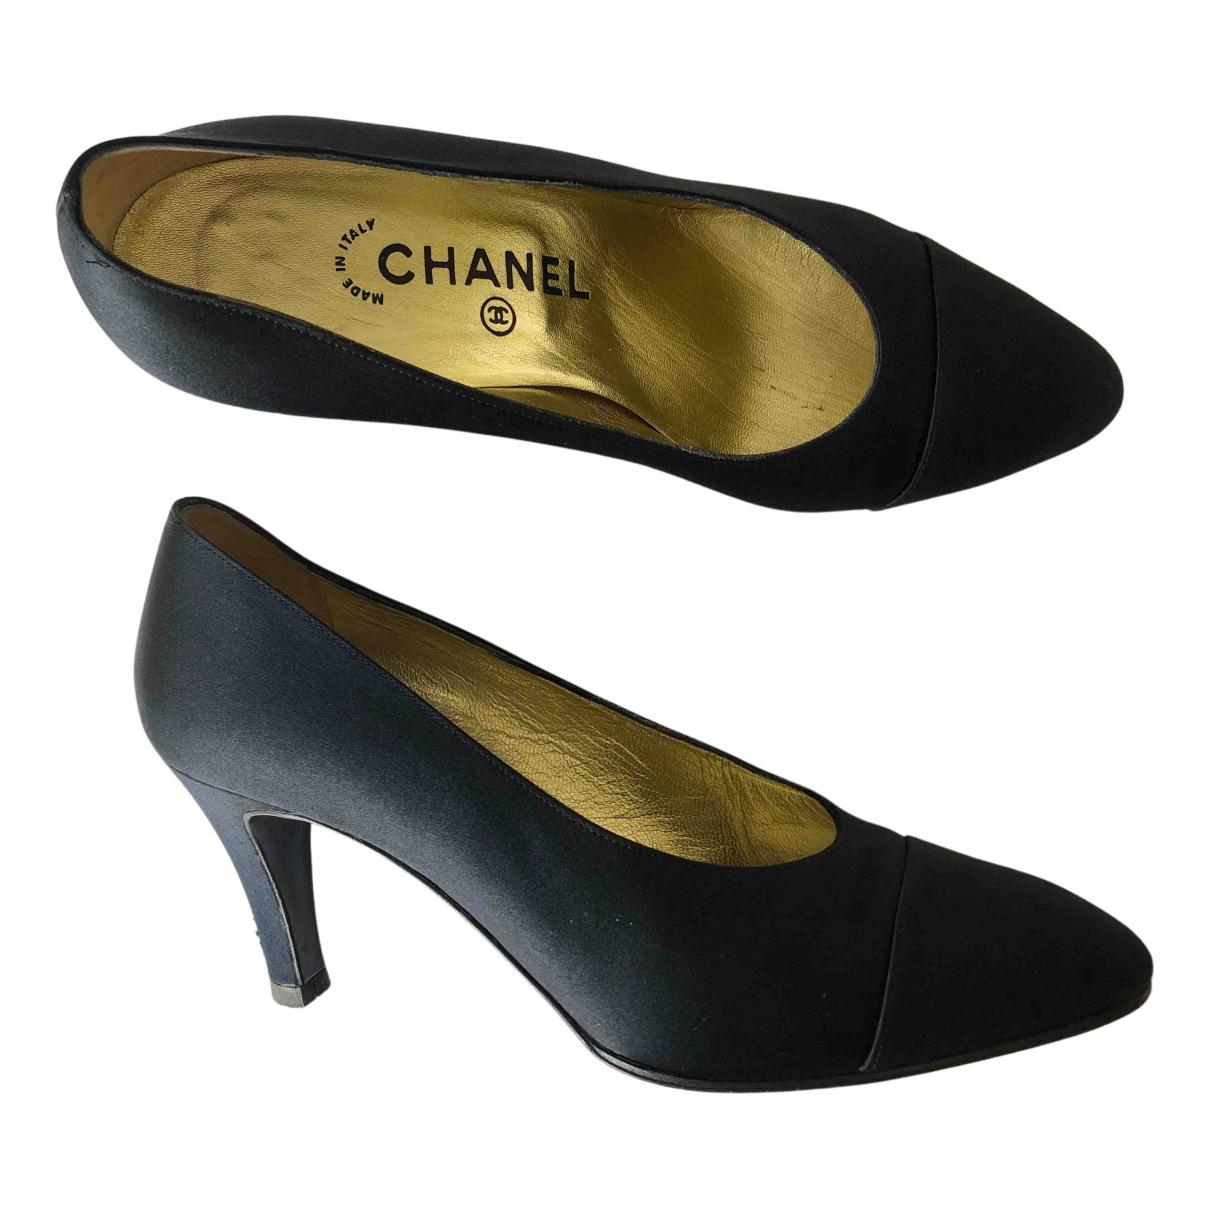 Tacones de Lona Chanel